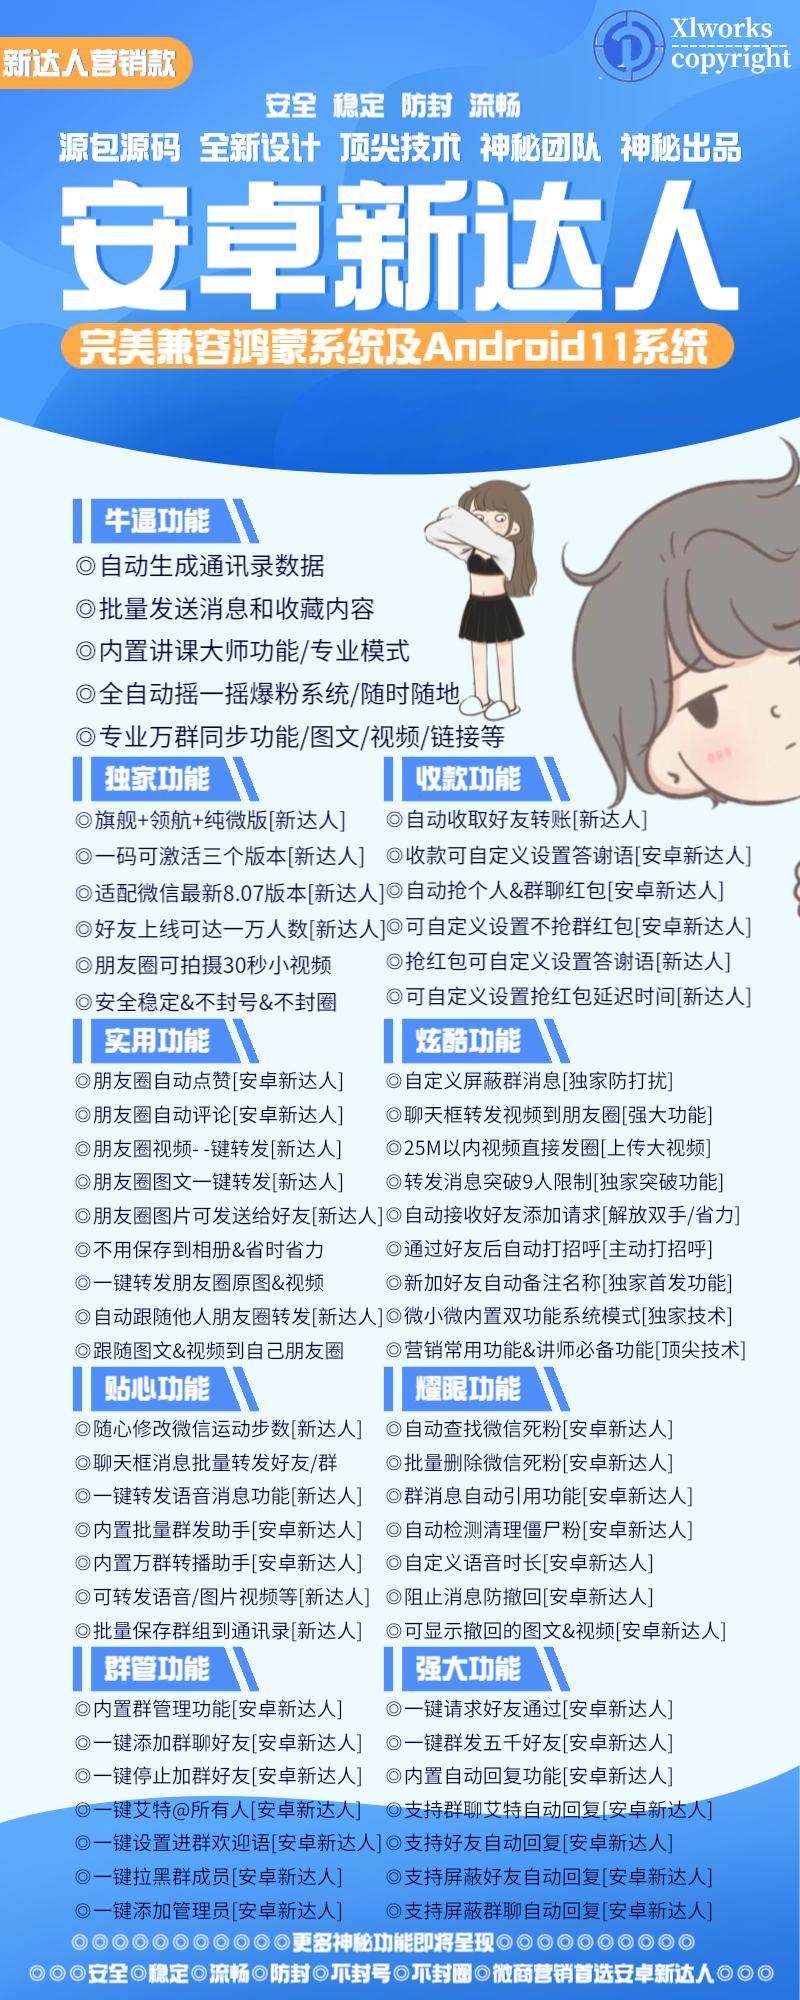 安卓新达人【微信807内置XP框架,微X.分组.美化.畅玩】